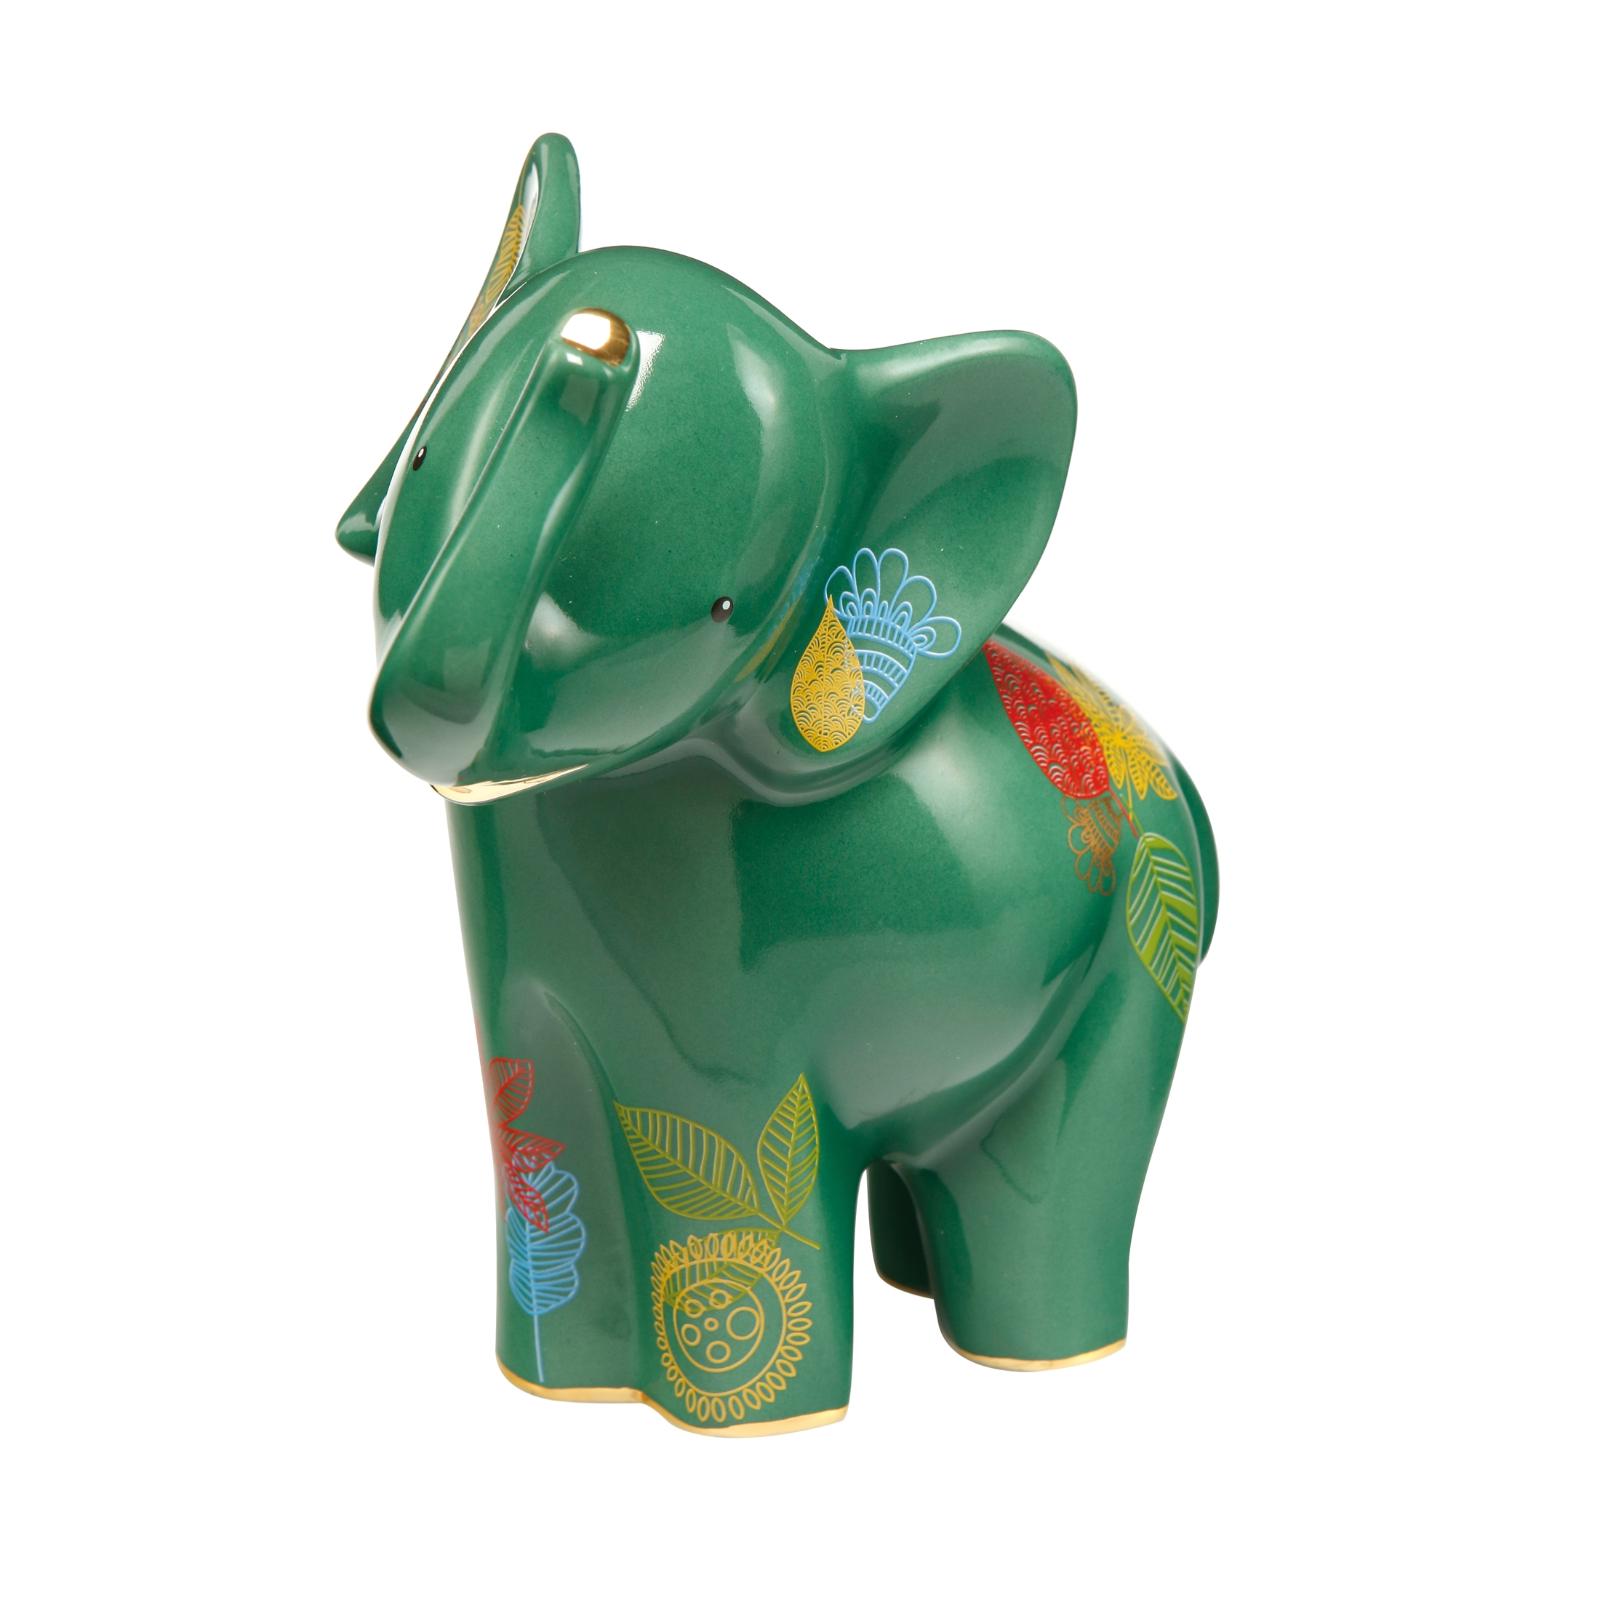 Goebel Elefant  Tahri  grün m EchtGolddekor Elephant de Luxe limitiert NEU 2019